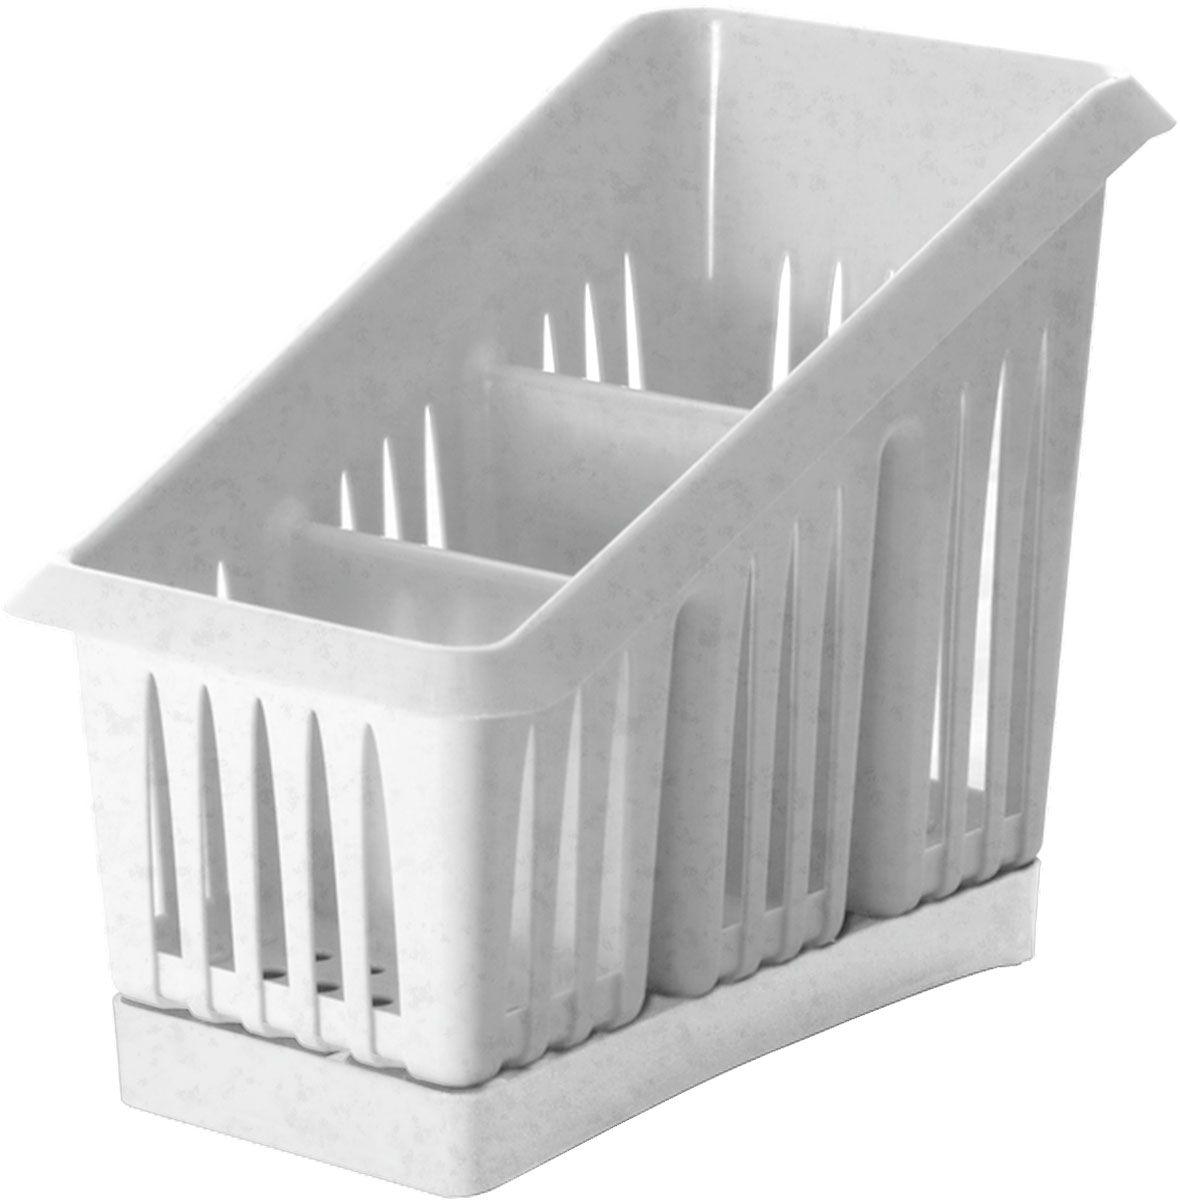 Сушилка для столовых приборов Plastic Centre Лилия, 3-секционная, цвет: мраморный, 20 х 12 х 16 смПЦ1564МРСушилка для столовых приборов Plastic Centre пригодится на любой кухне. Изделие выполнено из полипропилена.Три секции позволят сушить или хранить столовые приборы по отдельности (ножи, вилки, ложки и т.п.). Сушилка снабжена поддоном для стока воды с приборов.